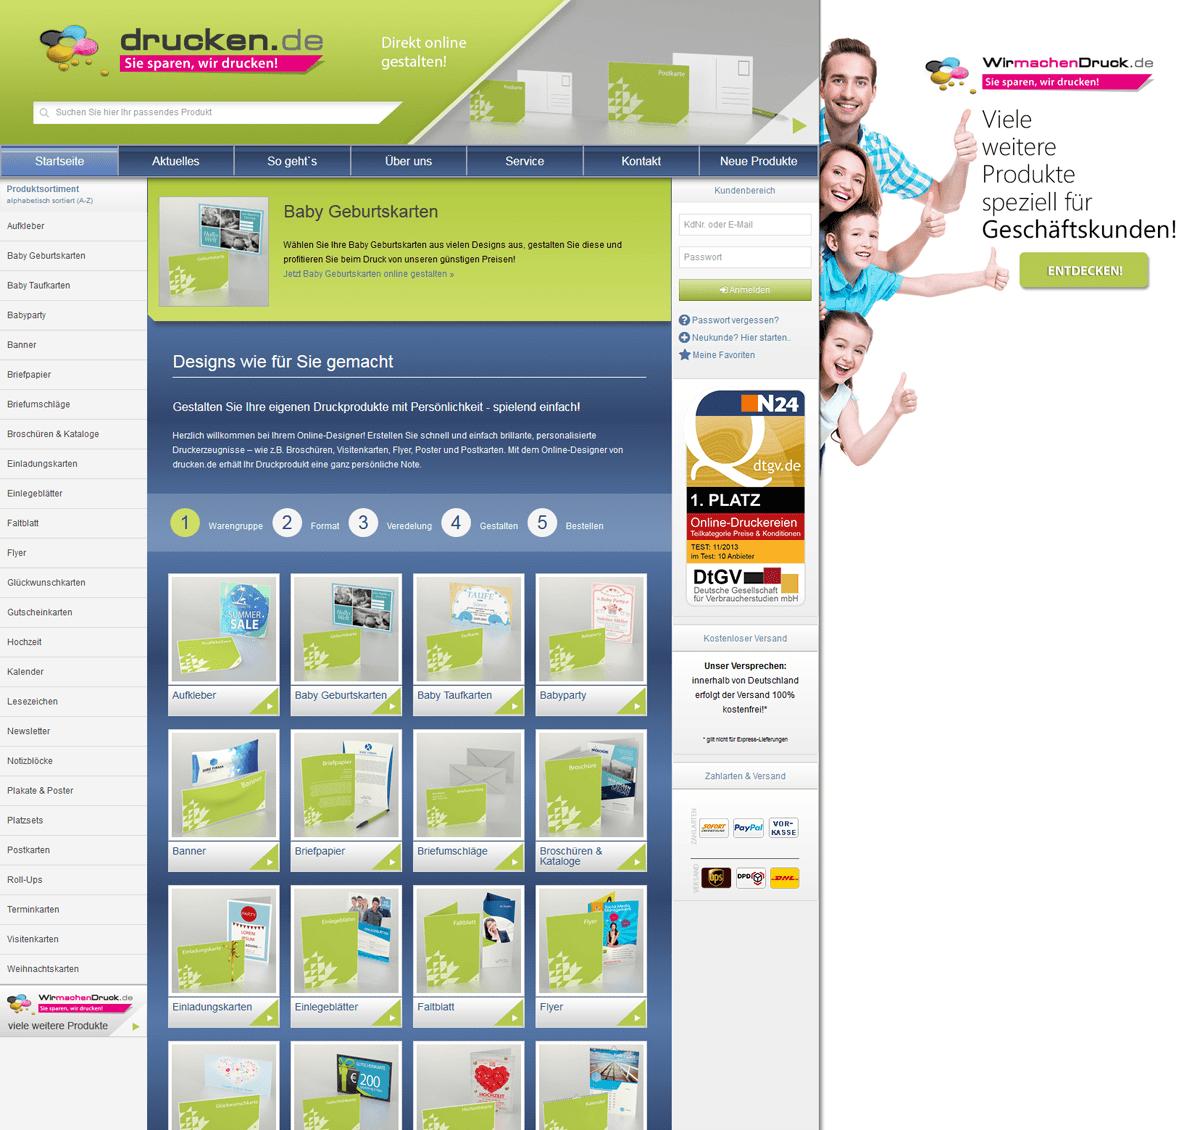 TE_151109_WirMachenDruck_Screenshot-Drucken_de_druck